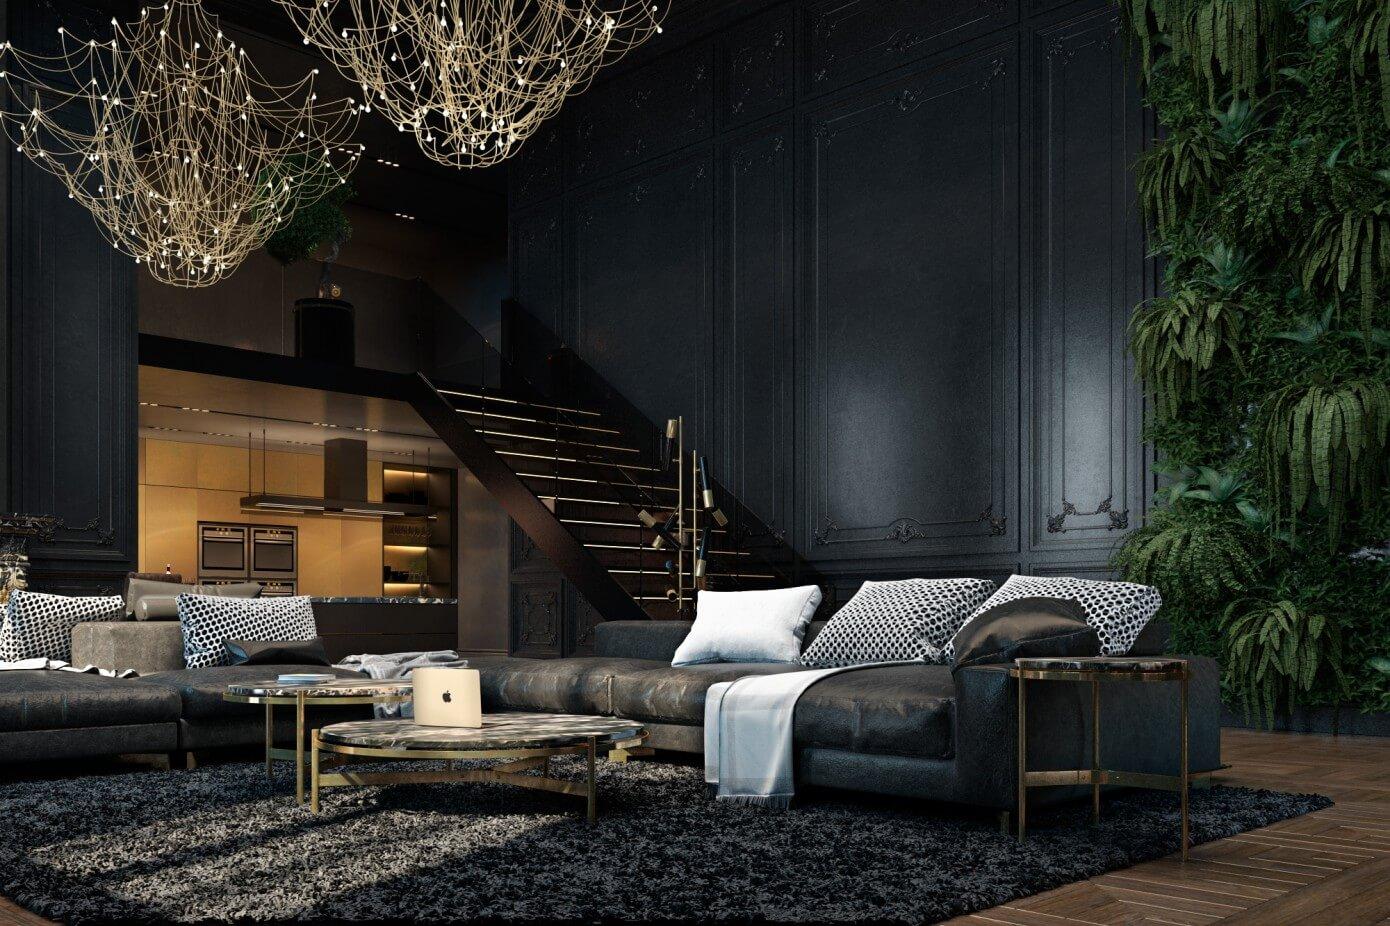 Apartment in Paris by Iryna Dzhemesiuk & Vitaliy Yurov